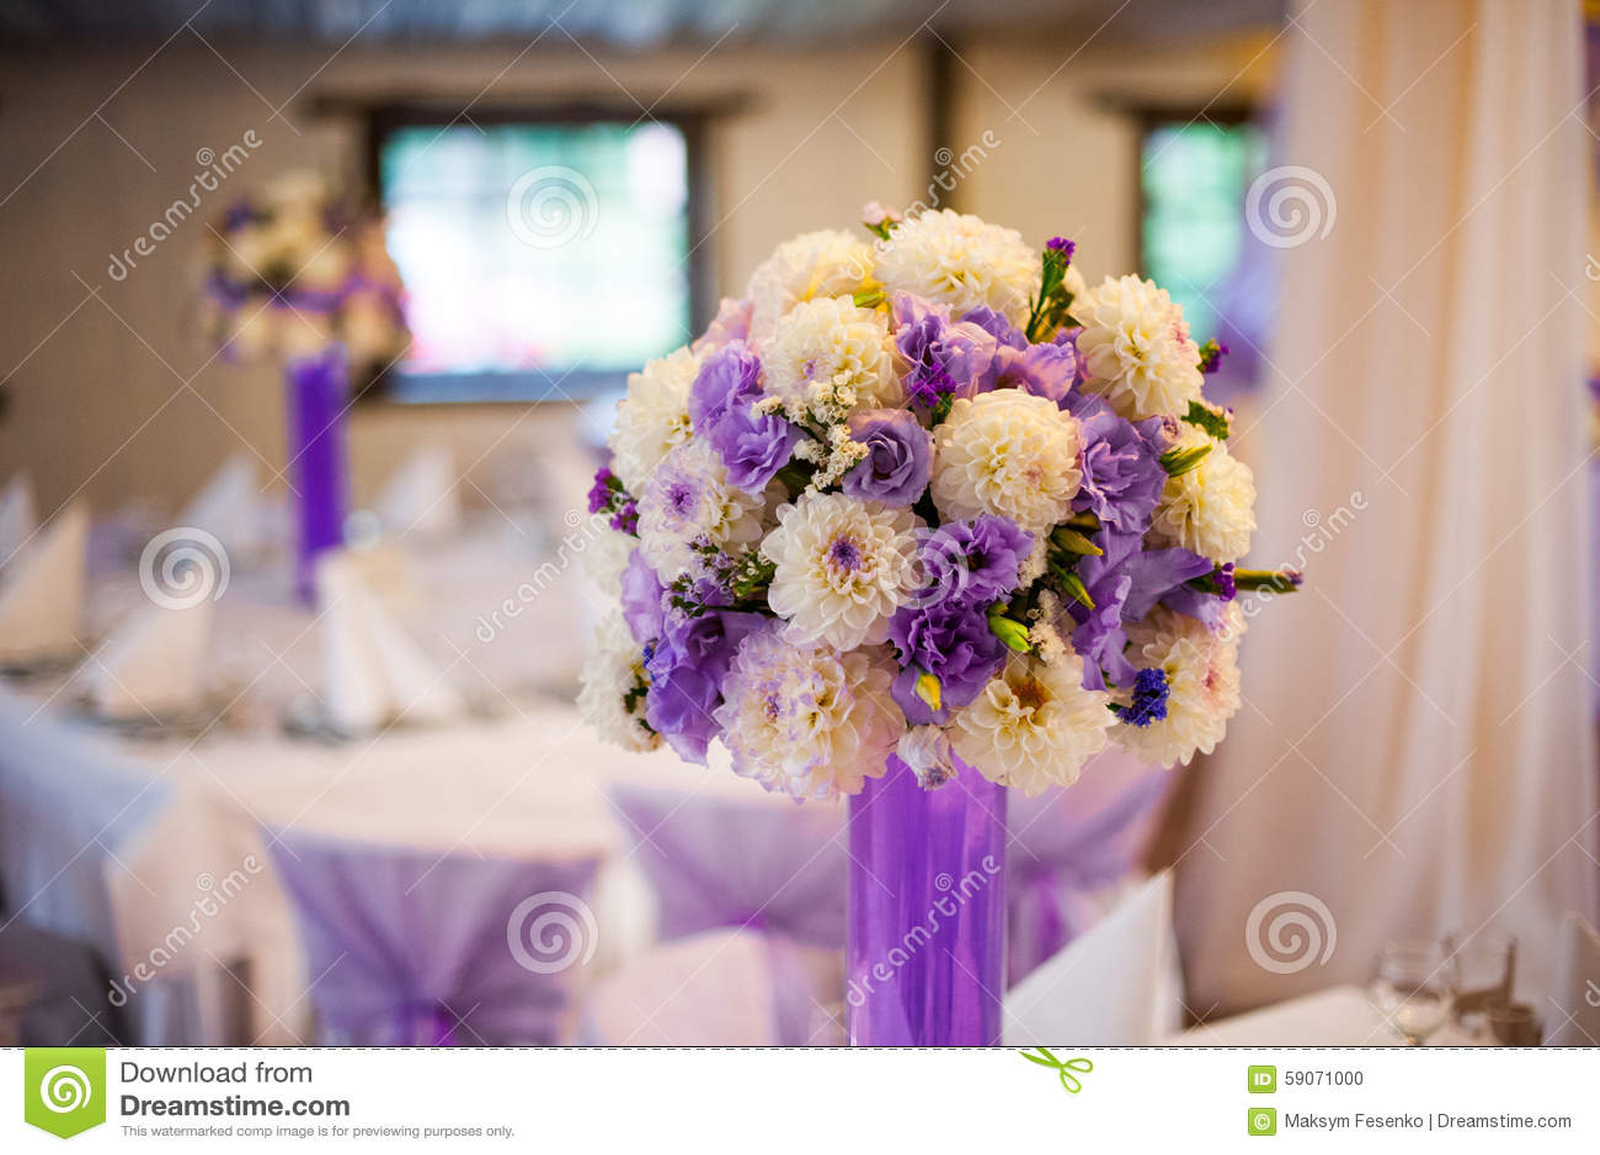 Wedding decor table set up stock photo image of glass 59071000 wedding decor table set up junglespirit Gallery